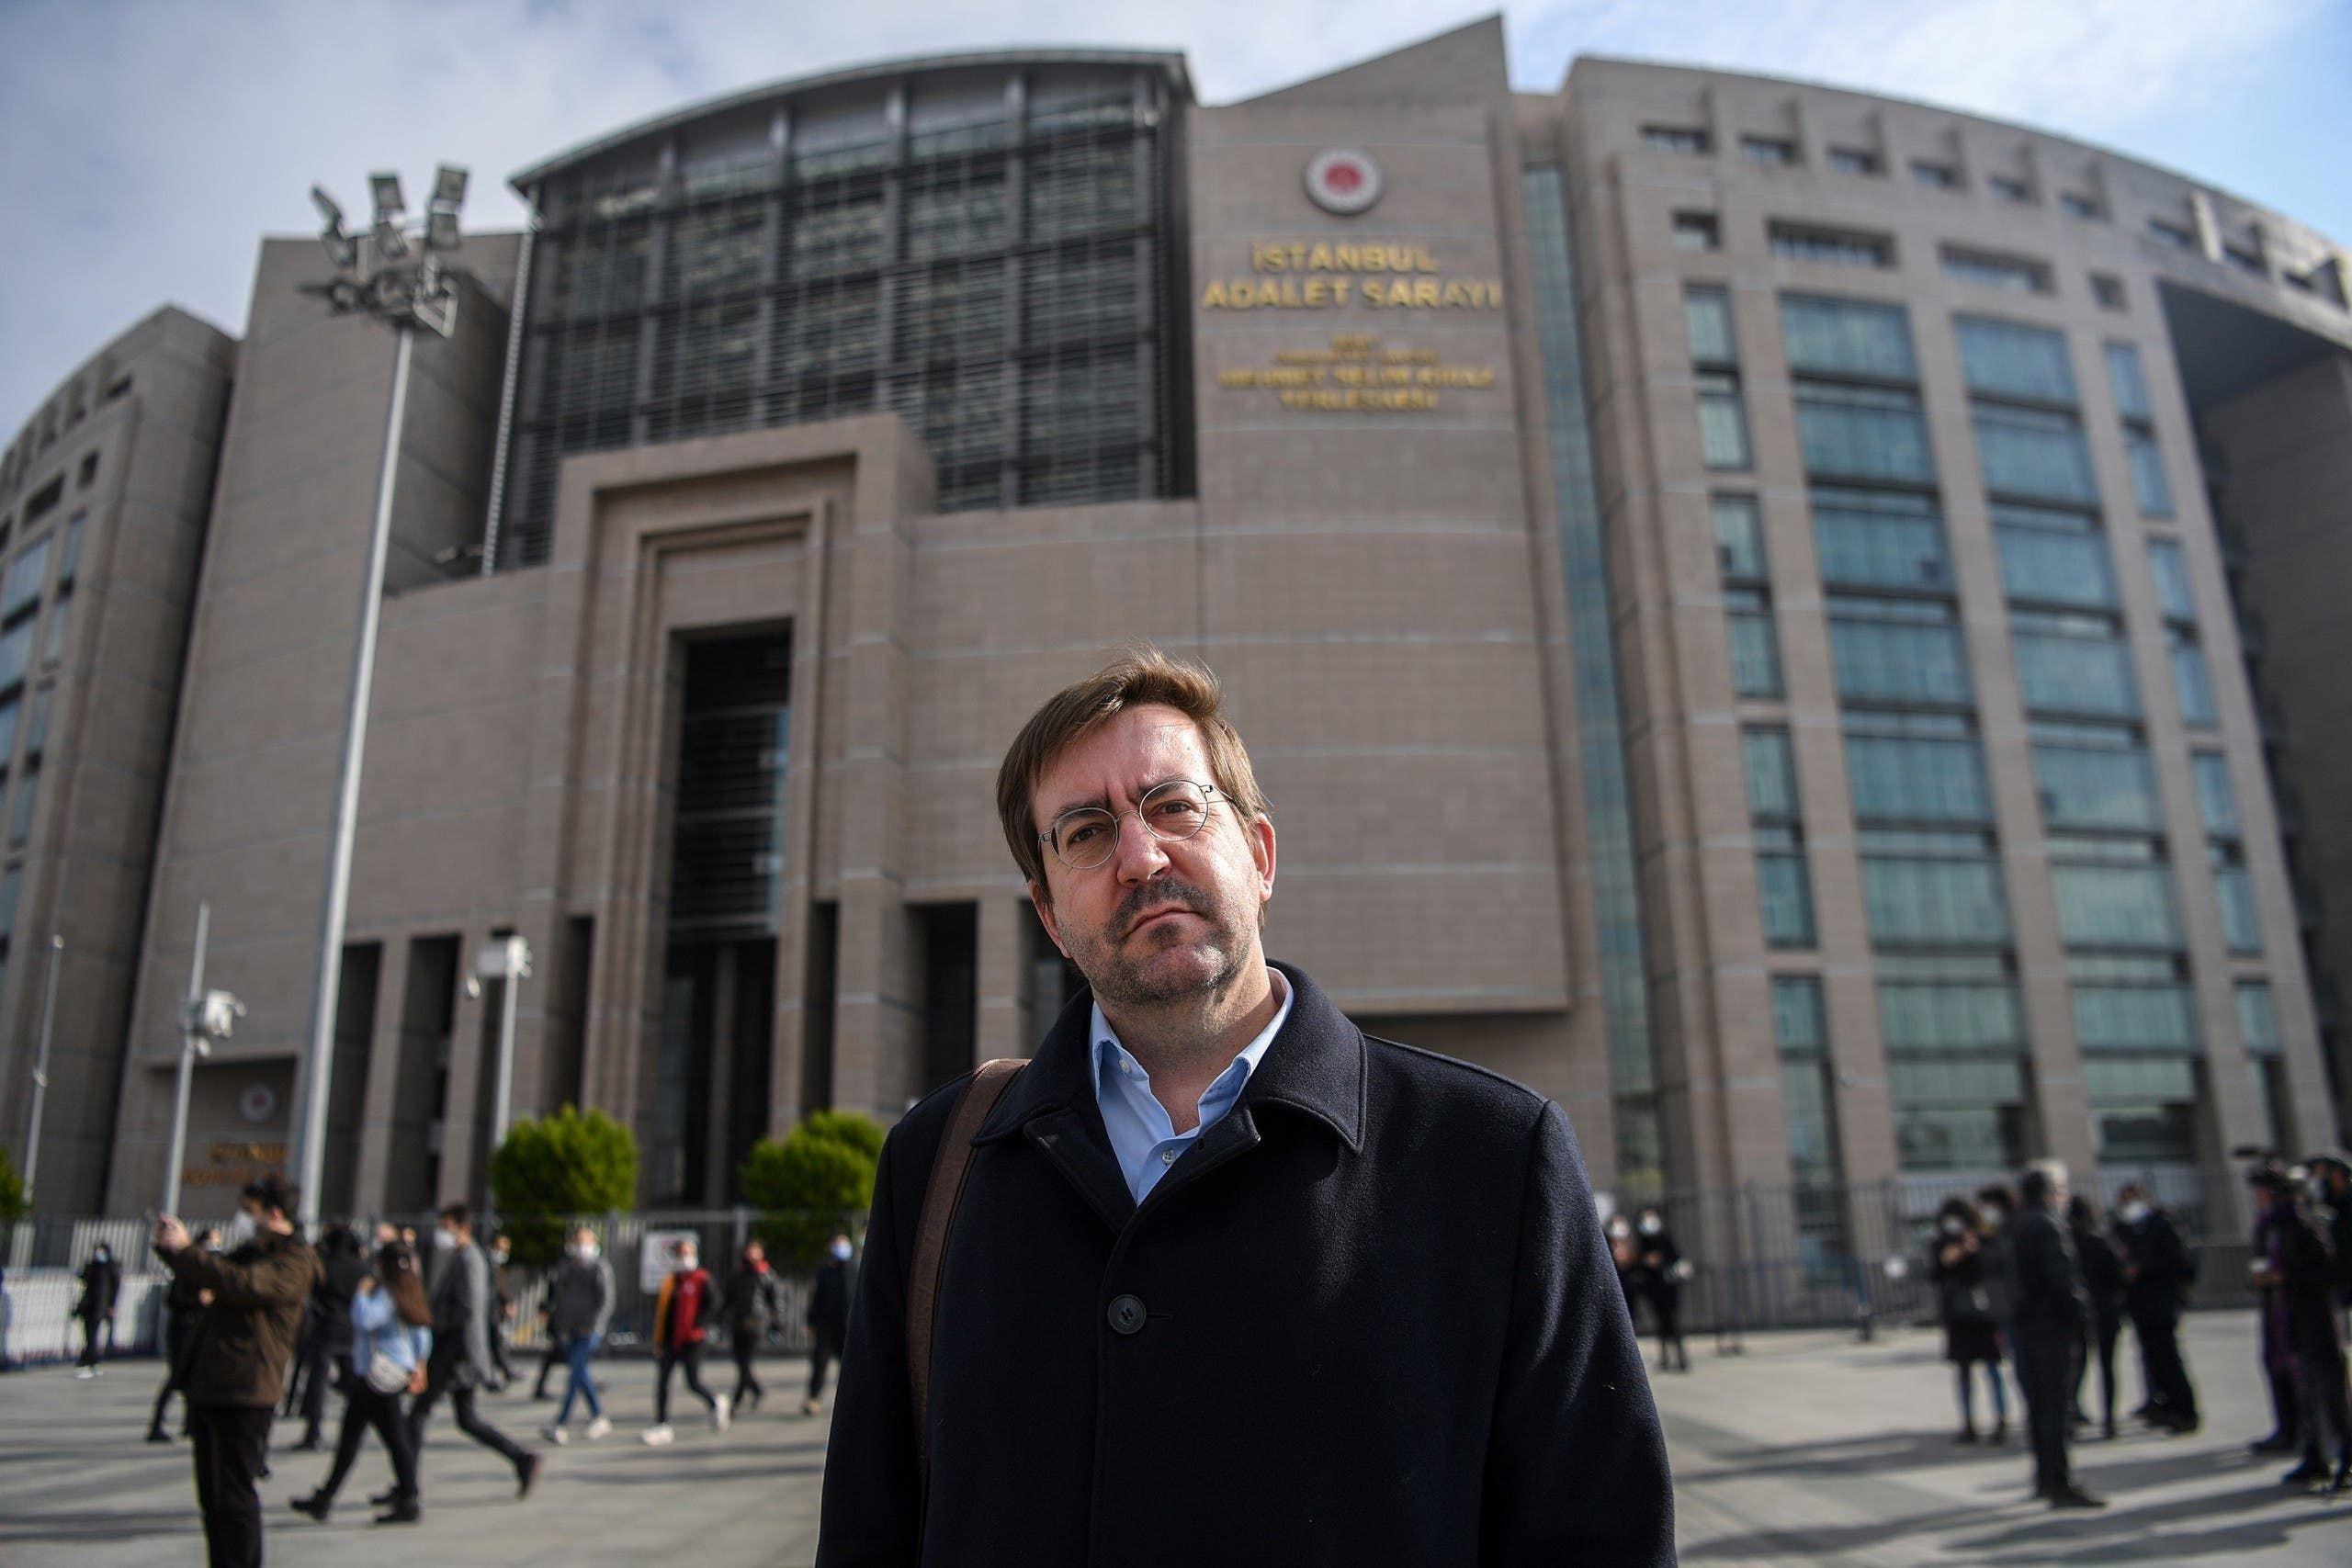 مدير مراسلون بلا حدود كريستيان مير أمام المحكمة في اسطنبول